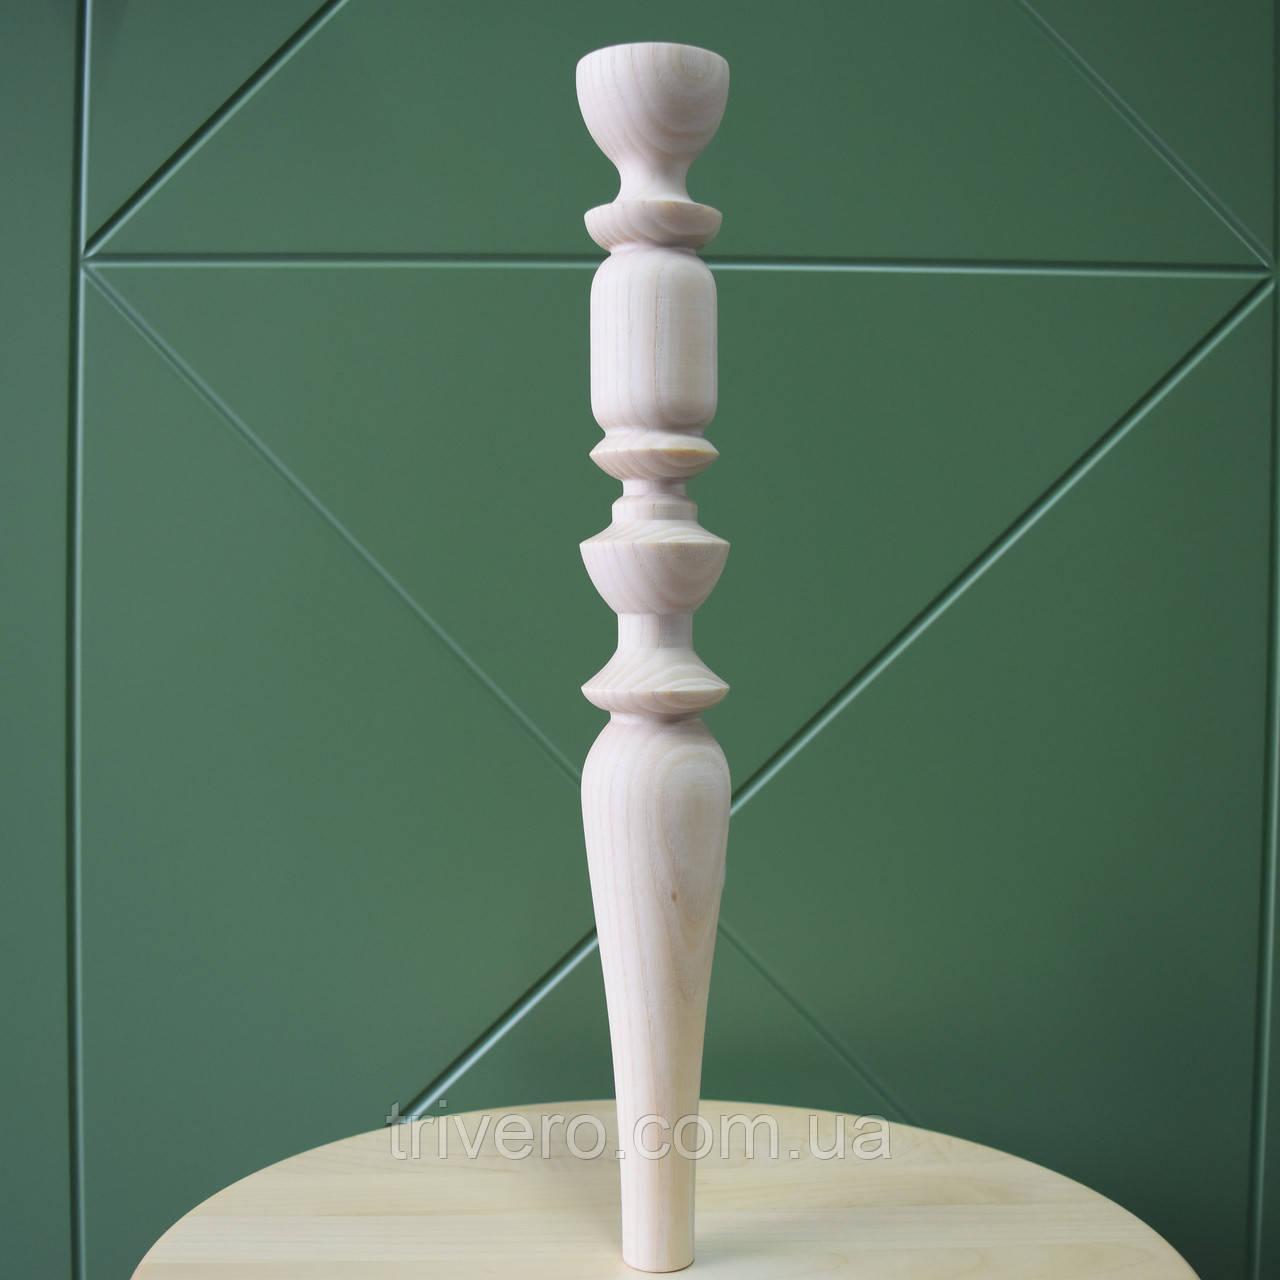 NM-29. Тонкие точеные ножки и опоры для консоли из дерева